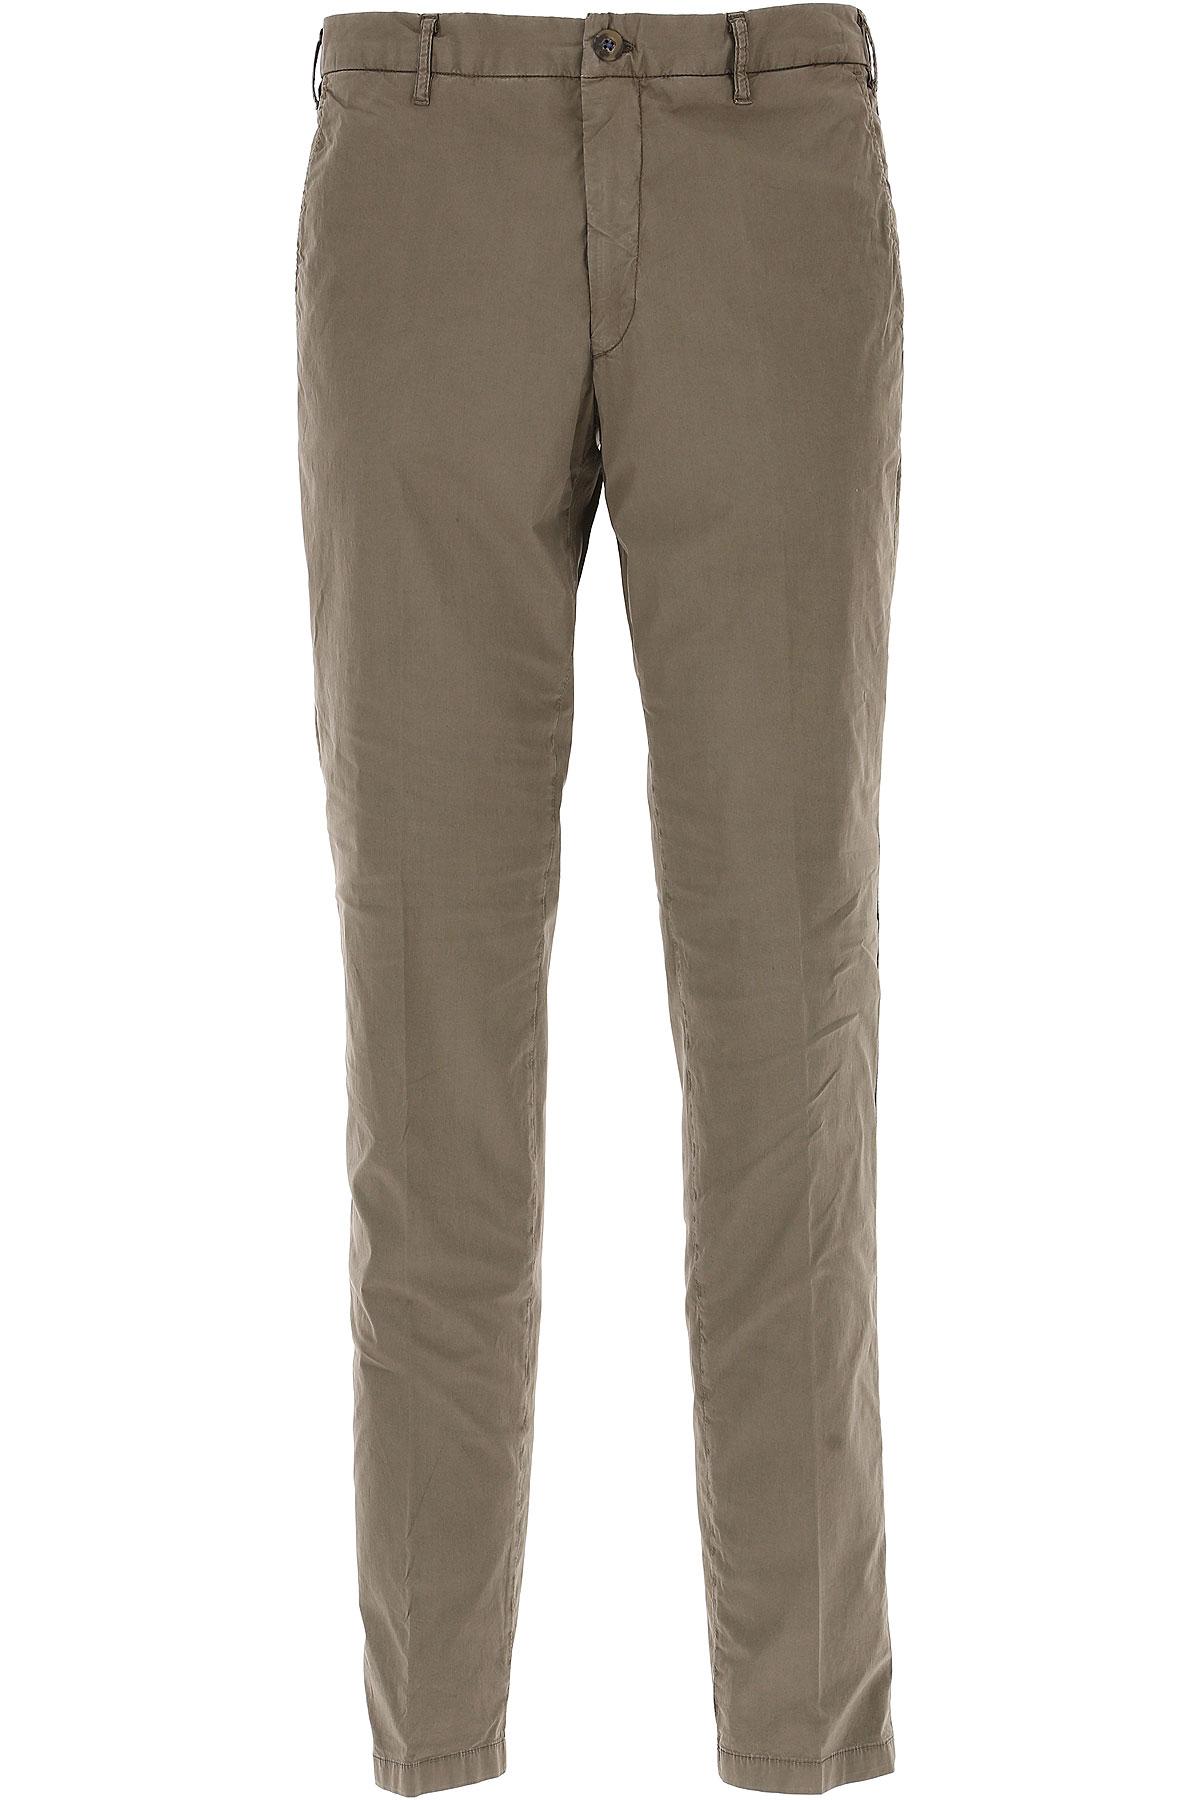 J.W. Brine Pantalon Homme Pas cher en Soldes, Boue, Coton, 2017, S XXL